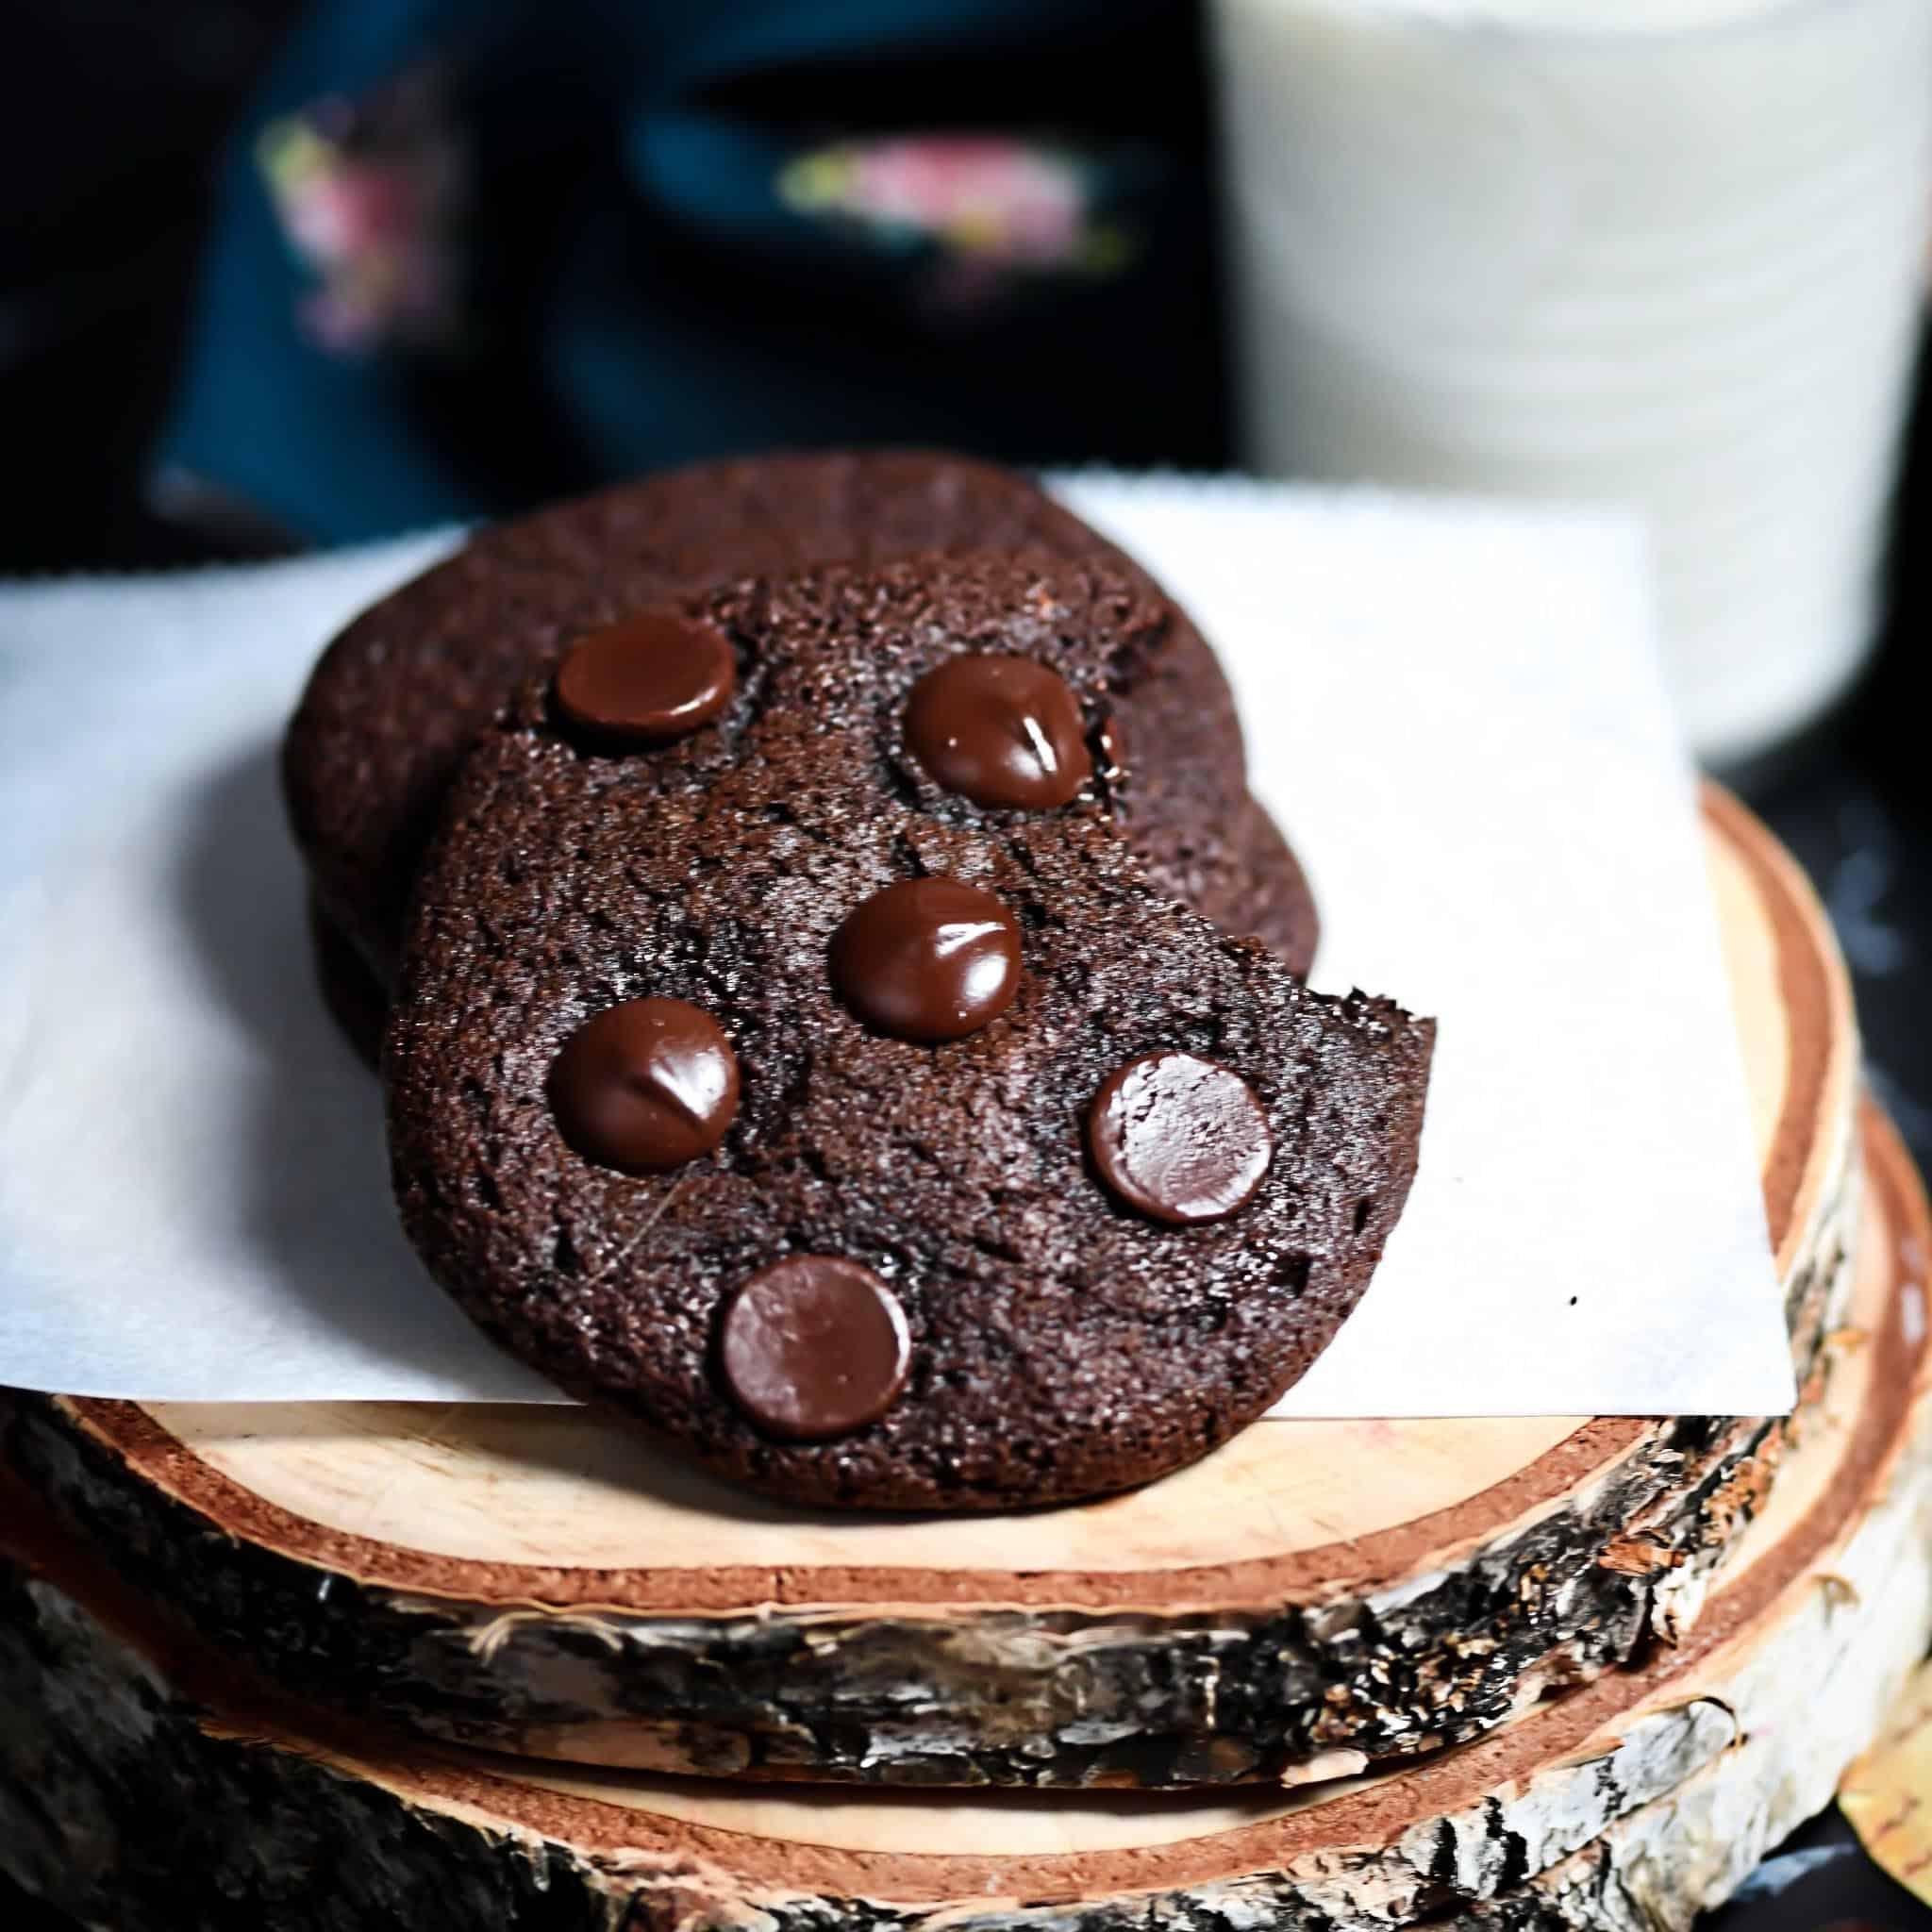 Grain-Free, Dairy-Free Brownie Cookies On Paper and Wood